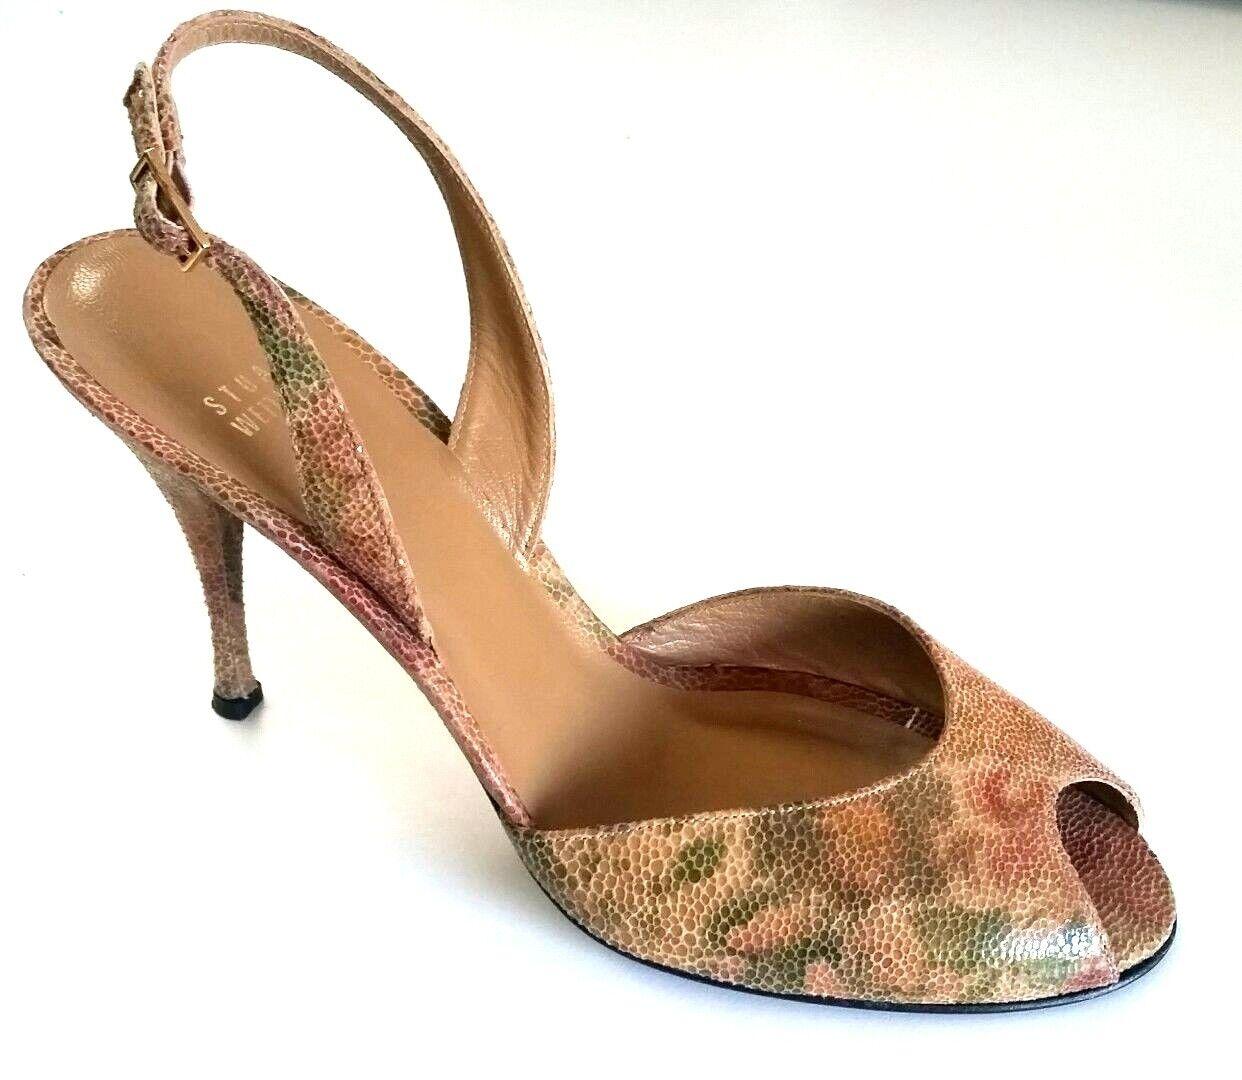 Stuart Weitzman MultiFarbe Embossed Leather Peep Toe Slim Heel Dorsay Sandal 9.5